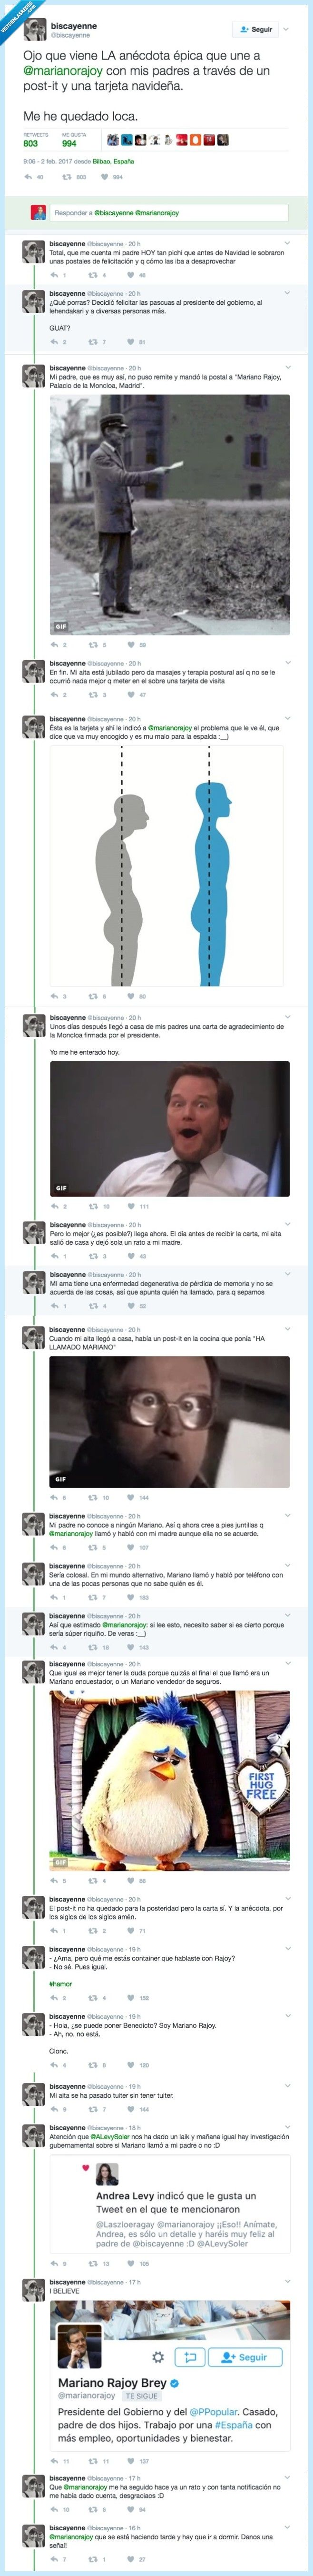 Rajoy es protagonista de esta historia tan LOCA que está petándolo en Twitter por @biscayenne   Gracias a http://www.vistoenlasredes.com/   Si quieres leer la noticia completa visita: http://www.skylight-imagen.com/rajoy-es-protagonista-de-esta-historia-tan-loca-que-esta-petandolo-en-twitter-por-biscayenne/